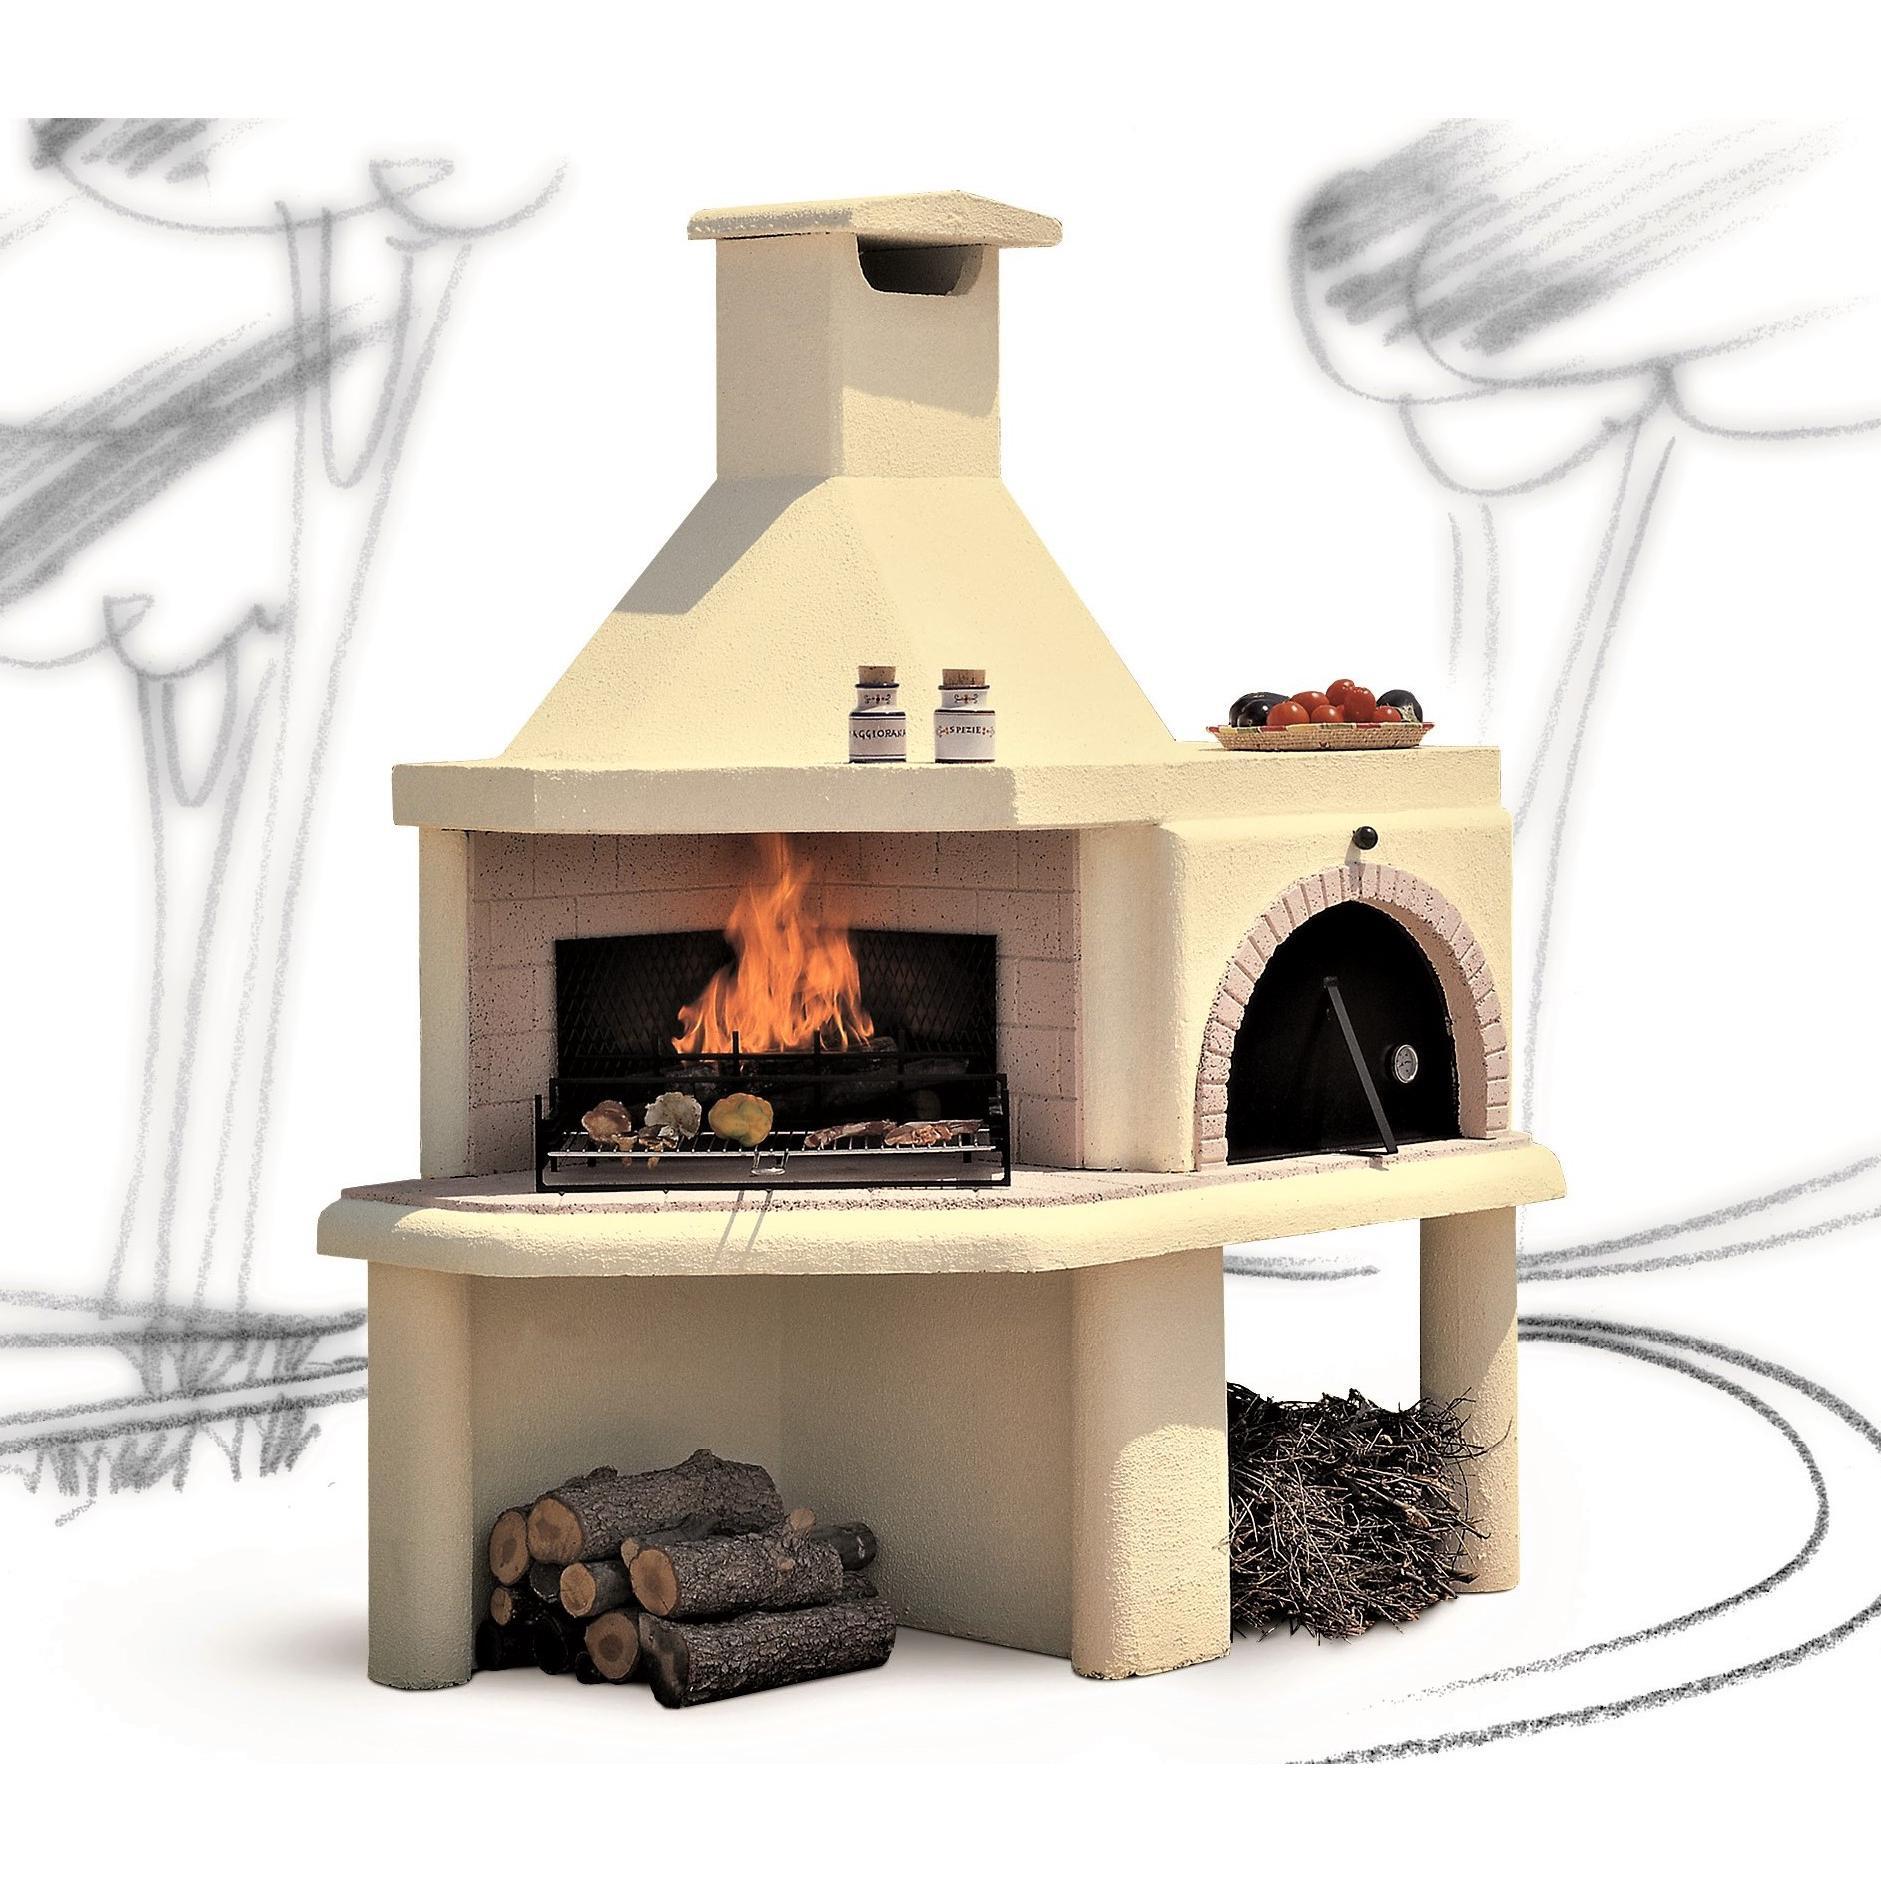 Forno A Legna Con Camino barbecue con forno a legna firenze